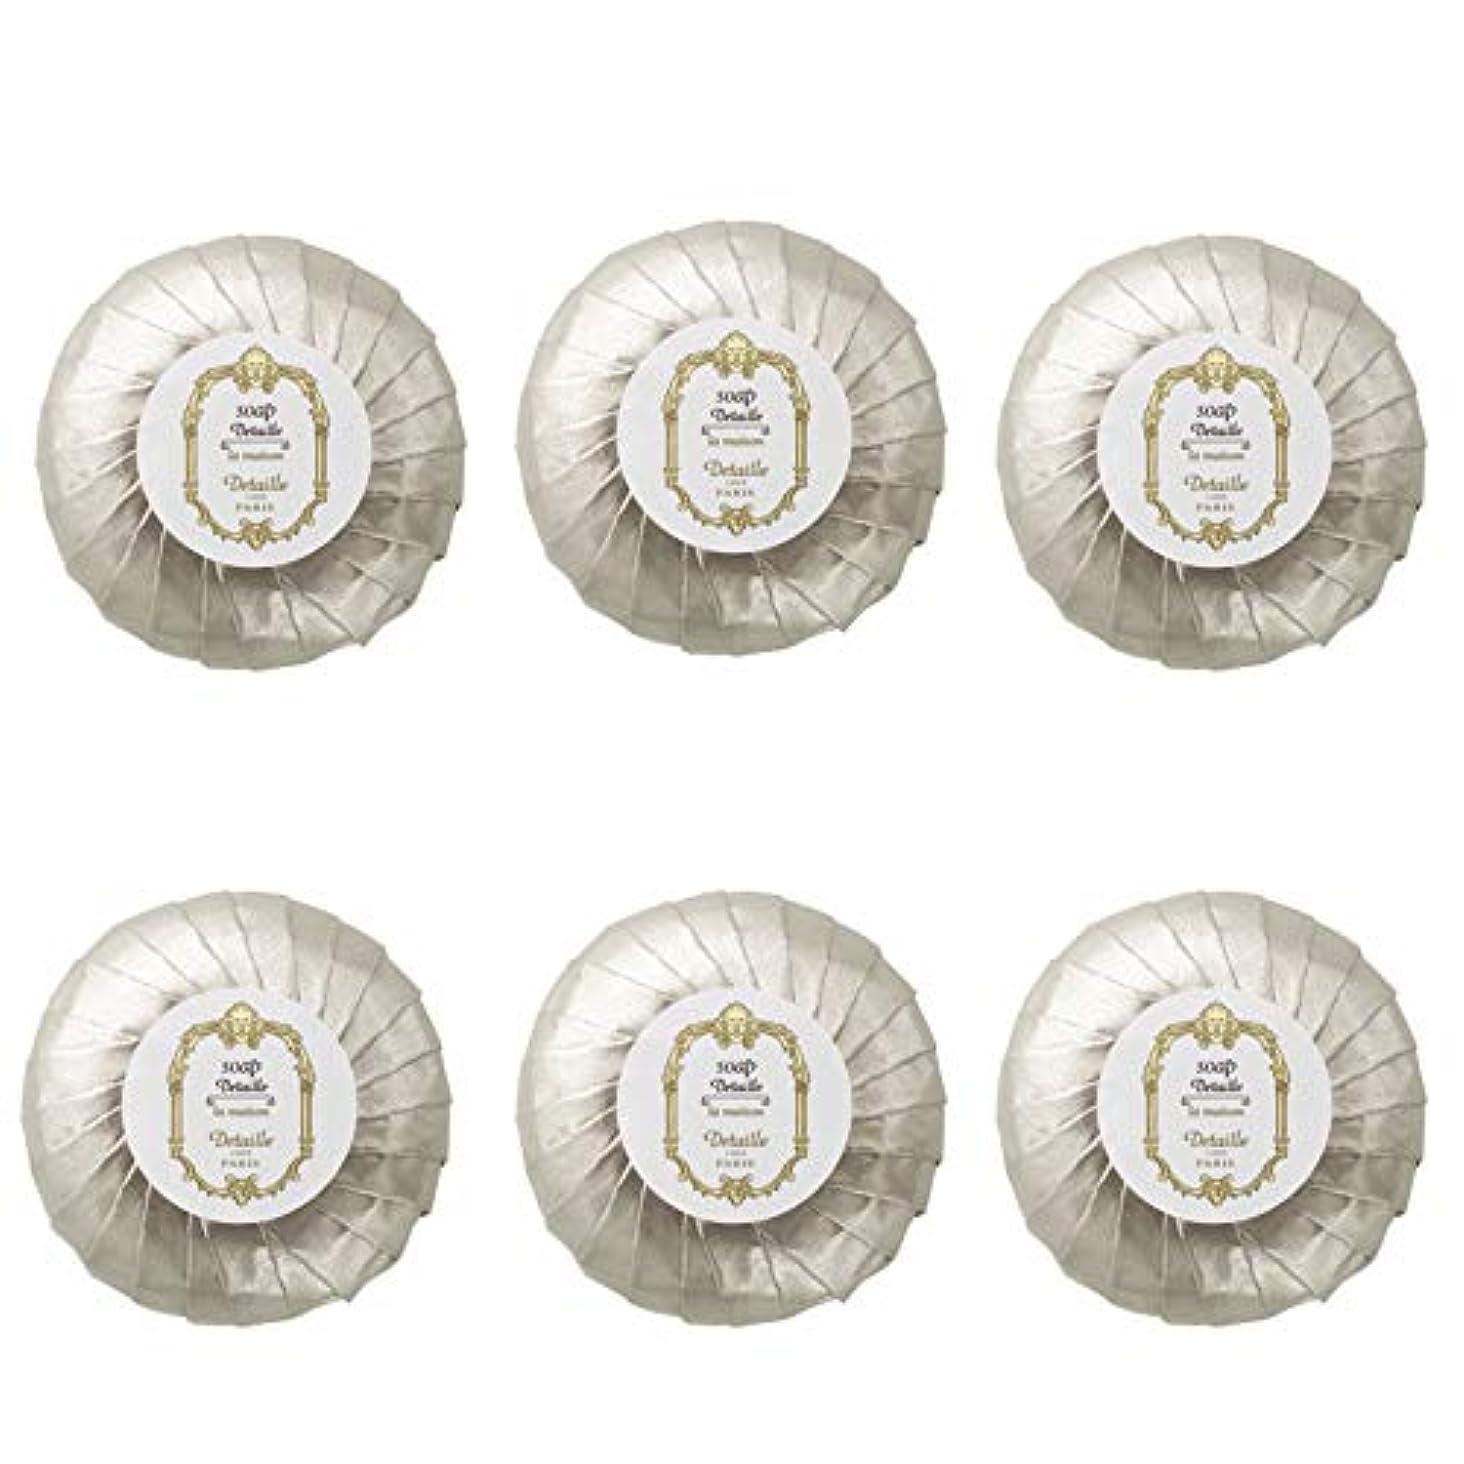 ストレスの多いバイオレットライブPOLA デタイユ ラ メゾン スキンソープ 固形石鹸 (プリーツ包装) 50g×6個